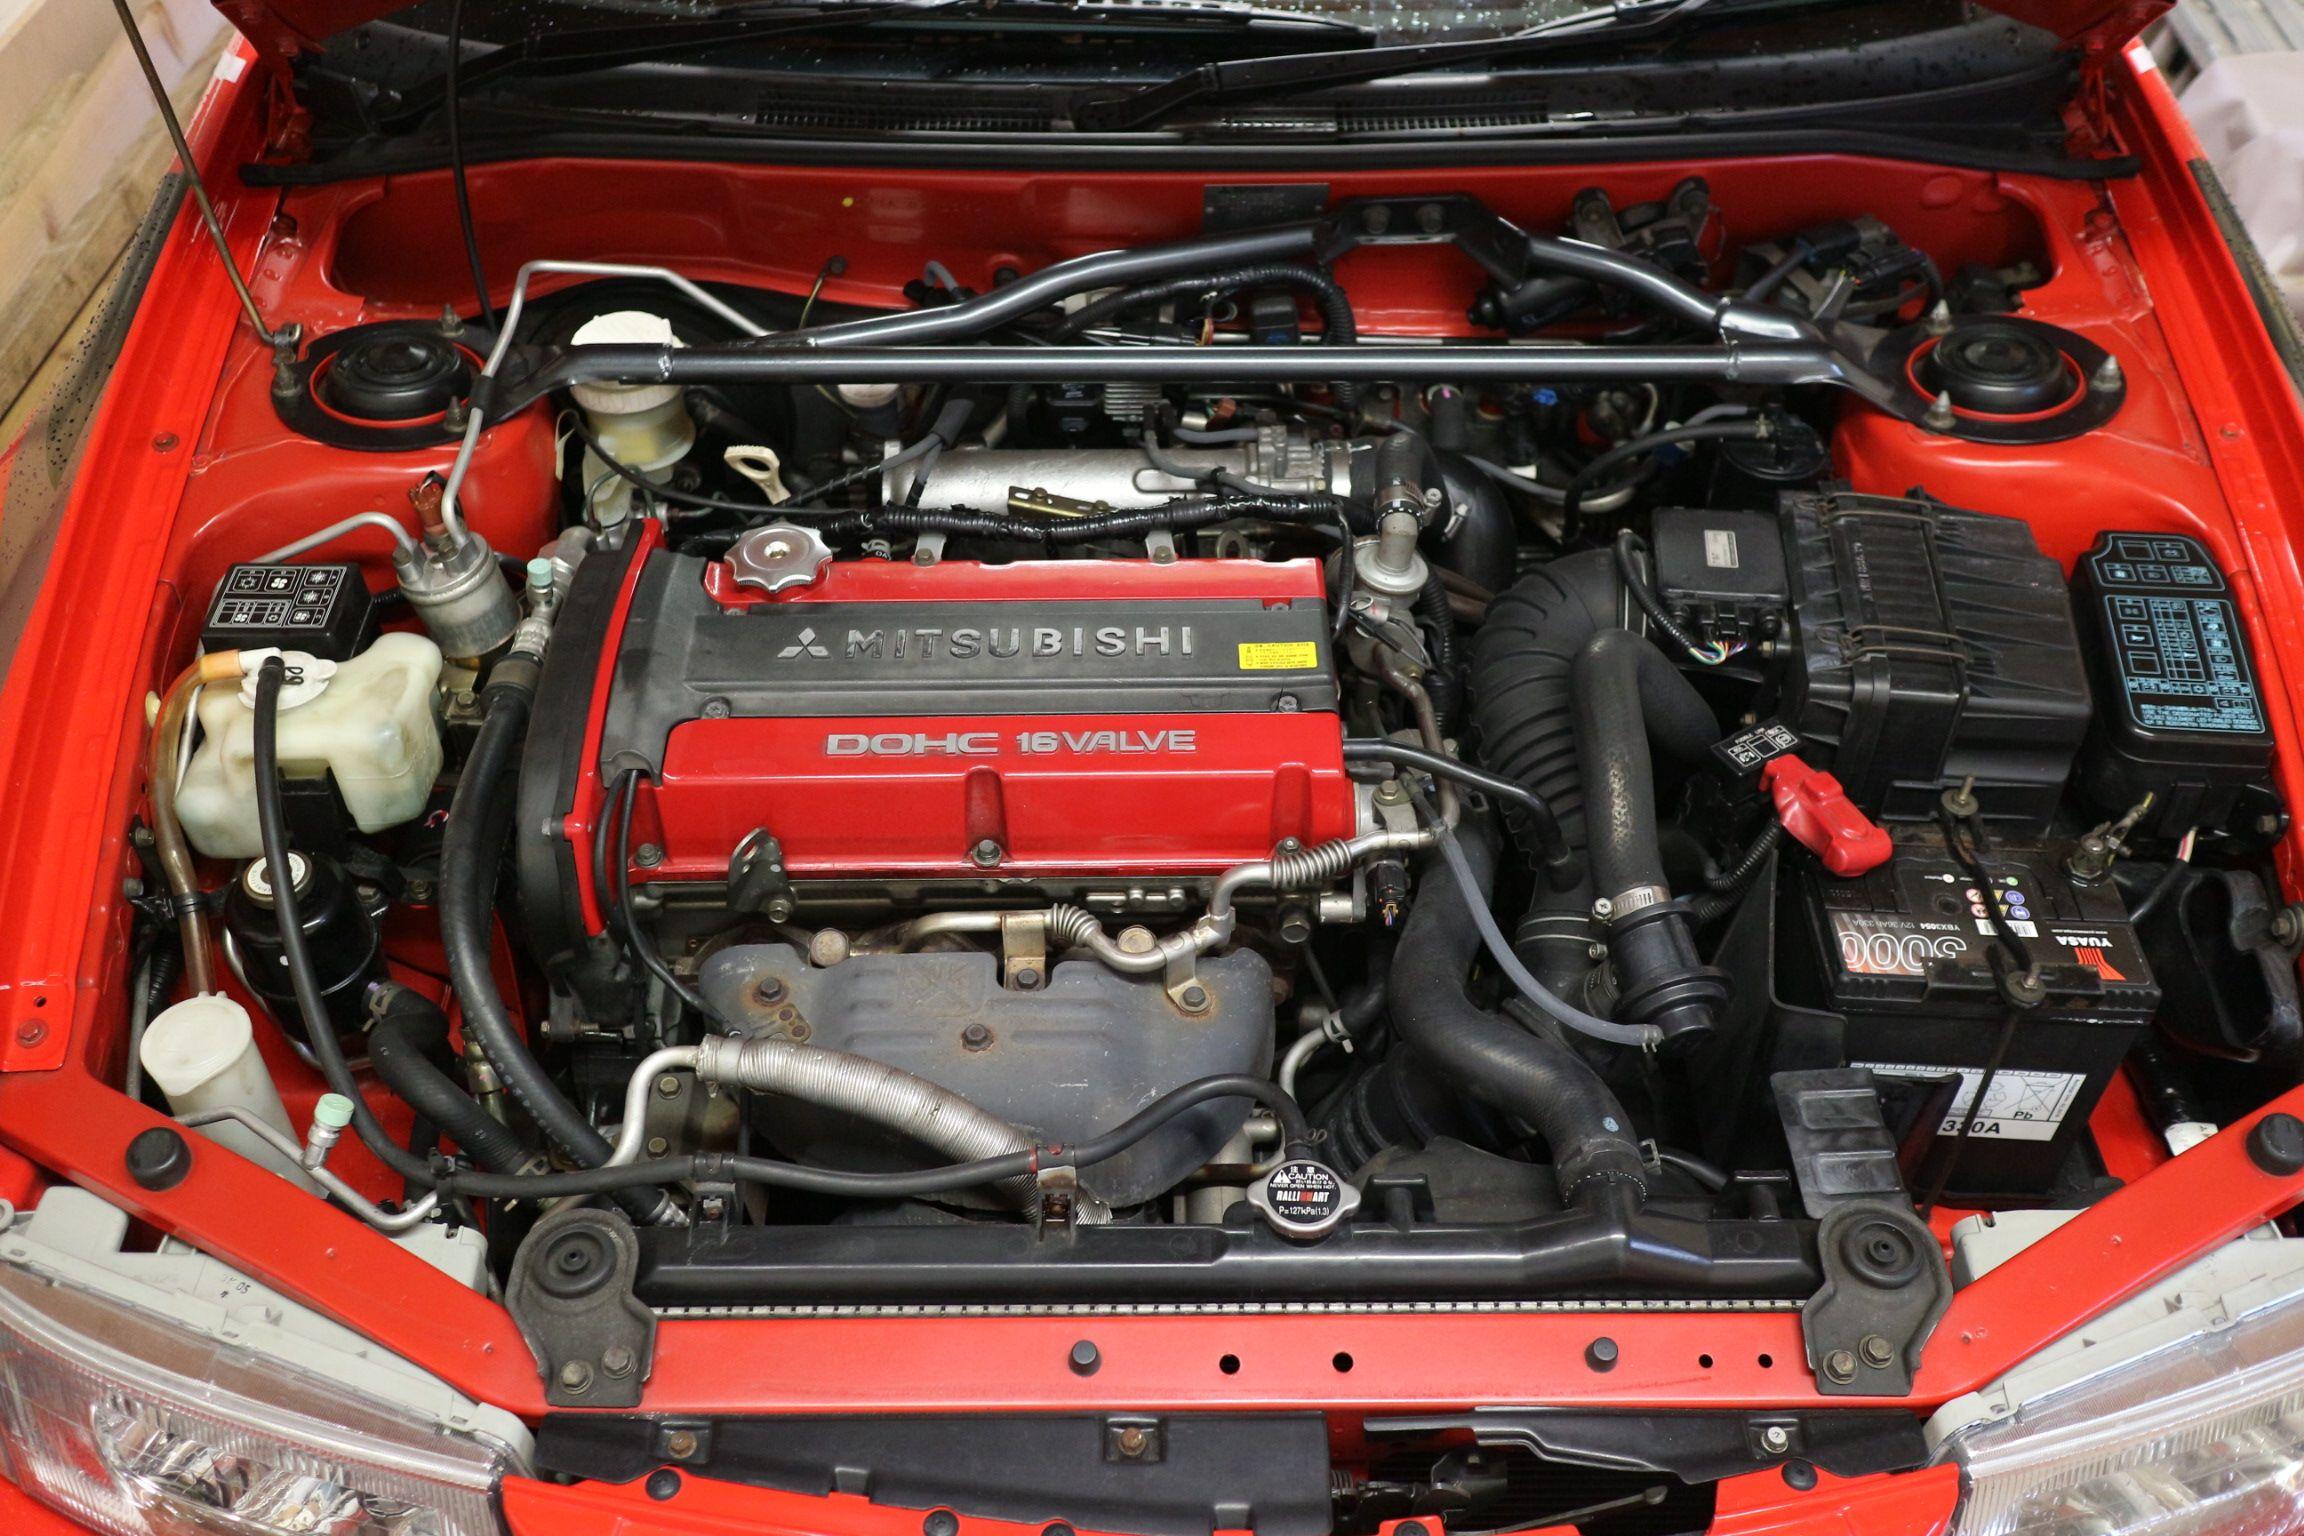 Mitsubishi 4G63T engine